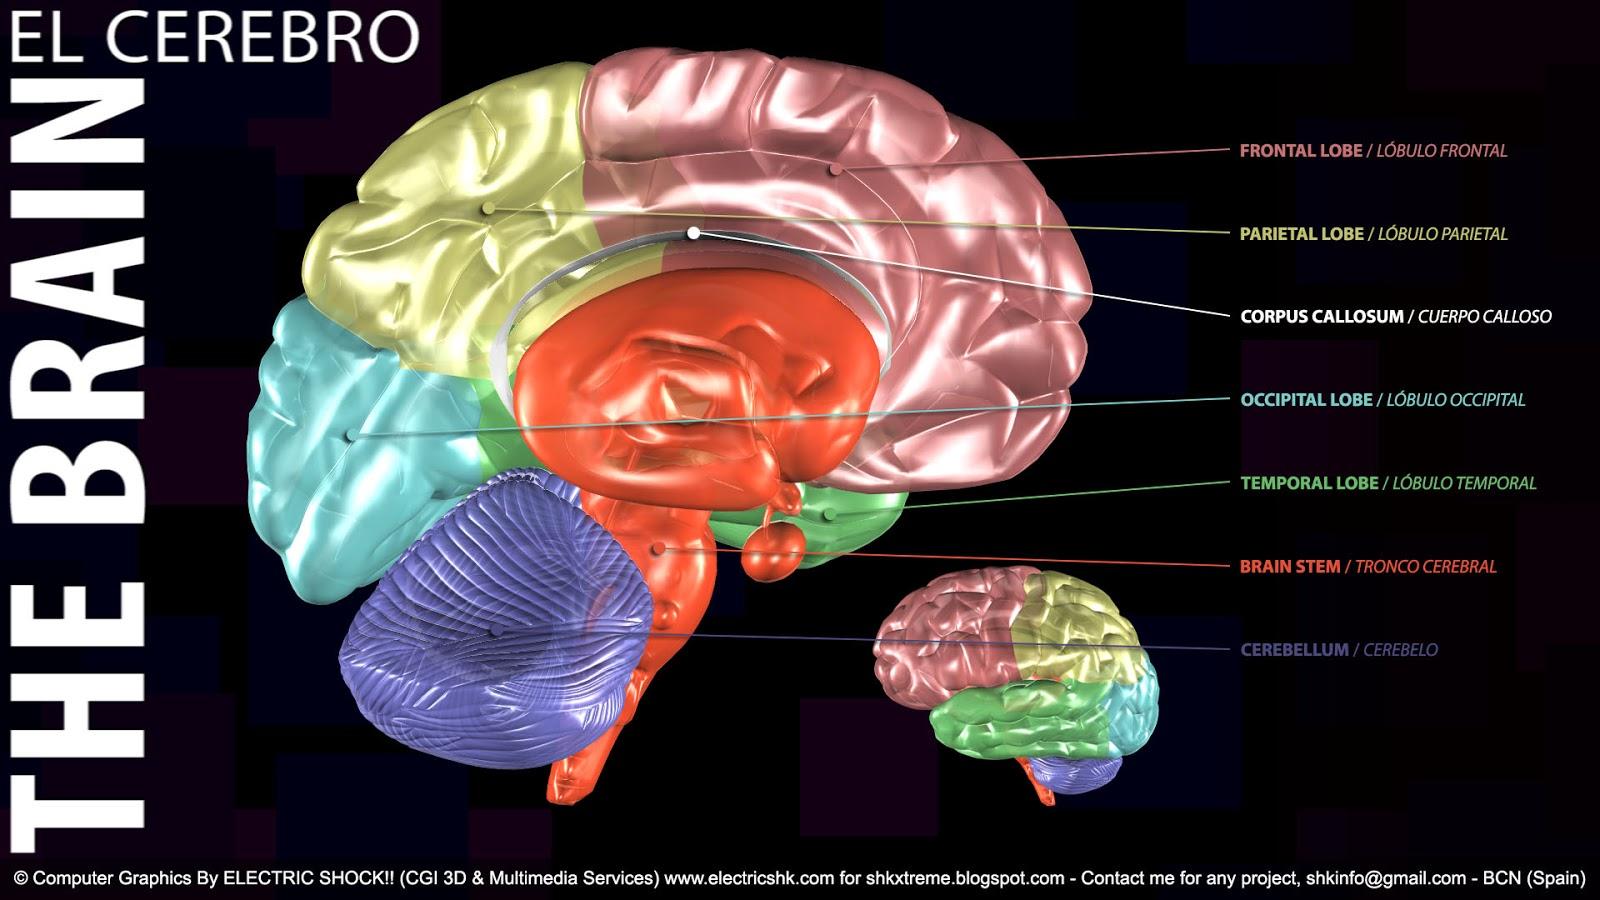 Imágen con nombres y localización partes del Cerebro